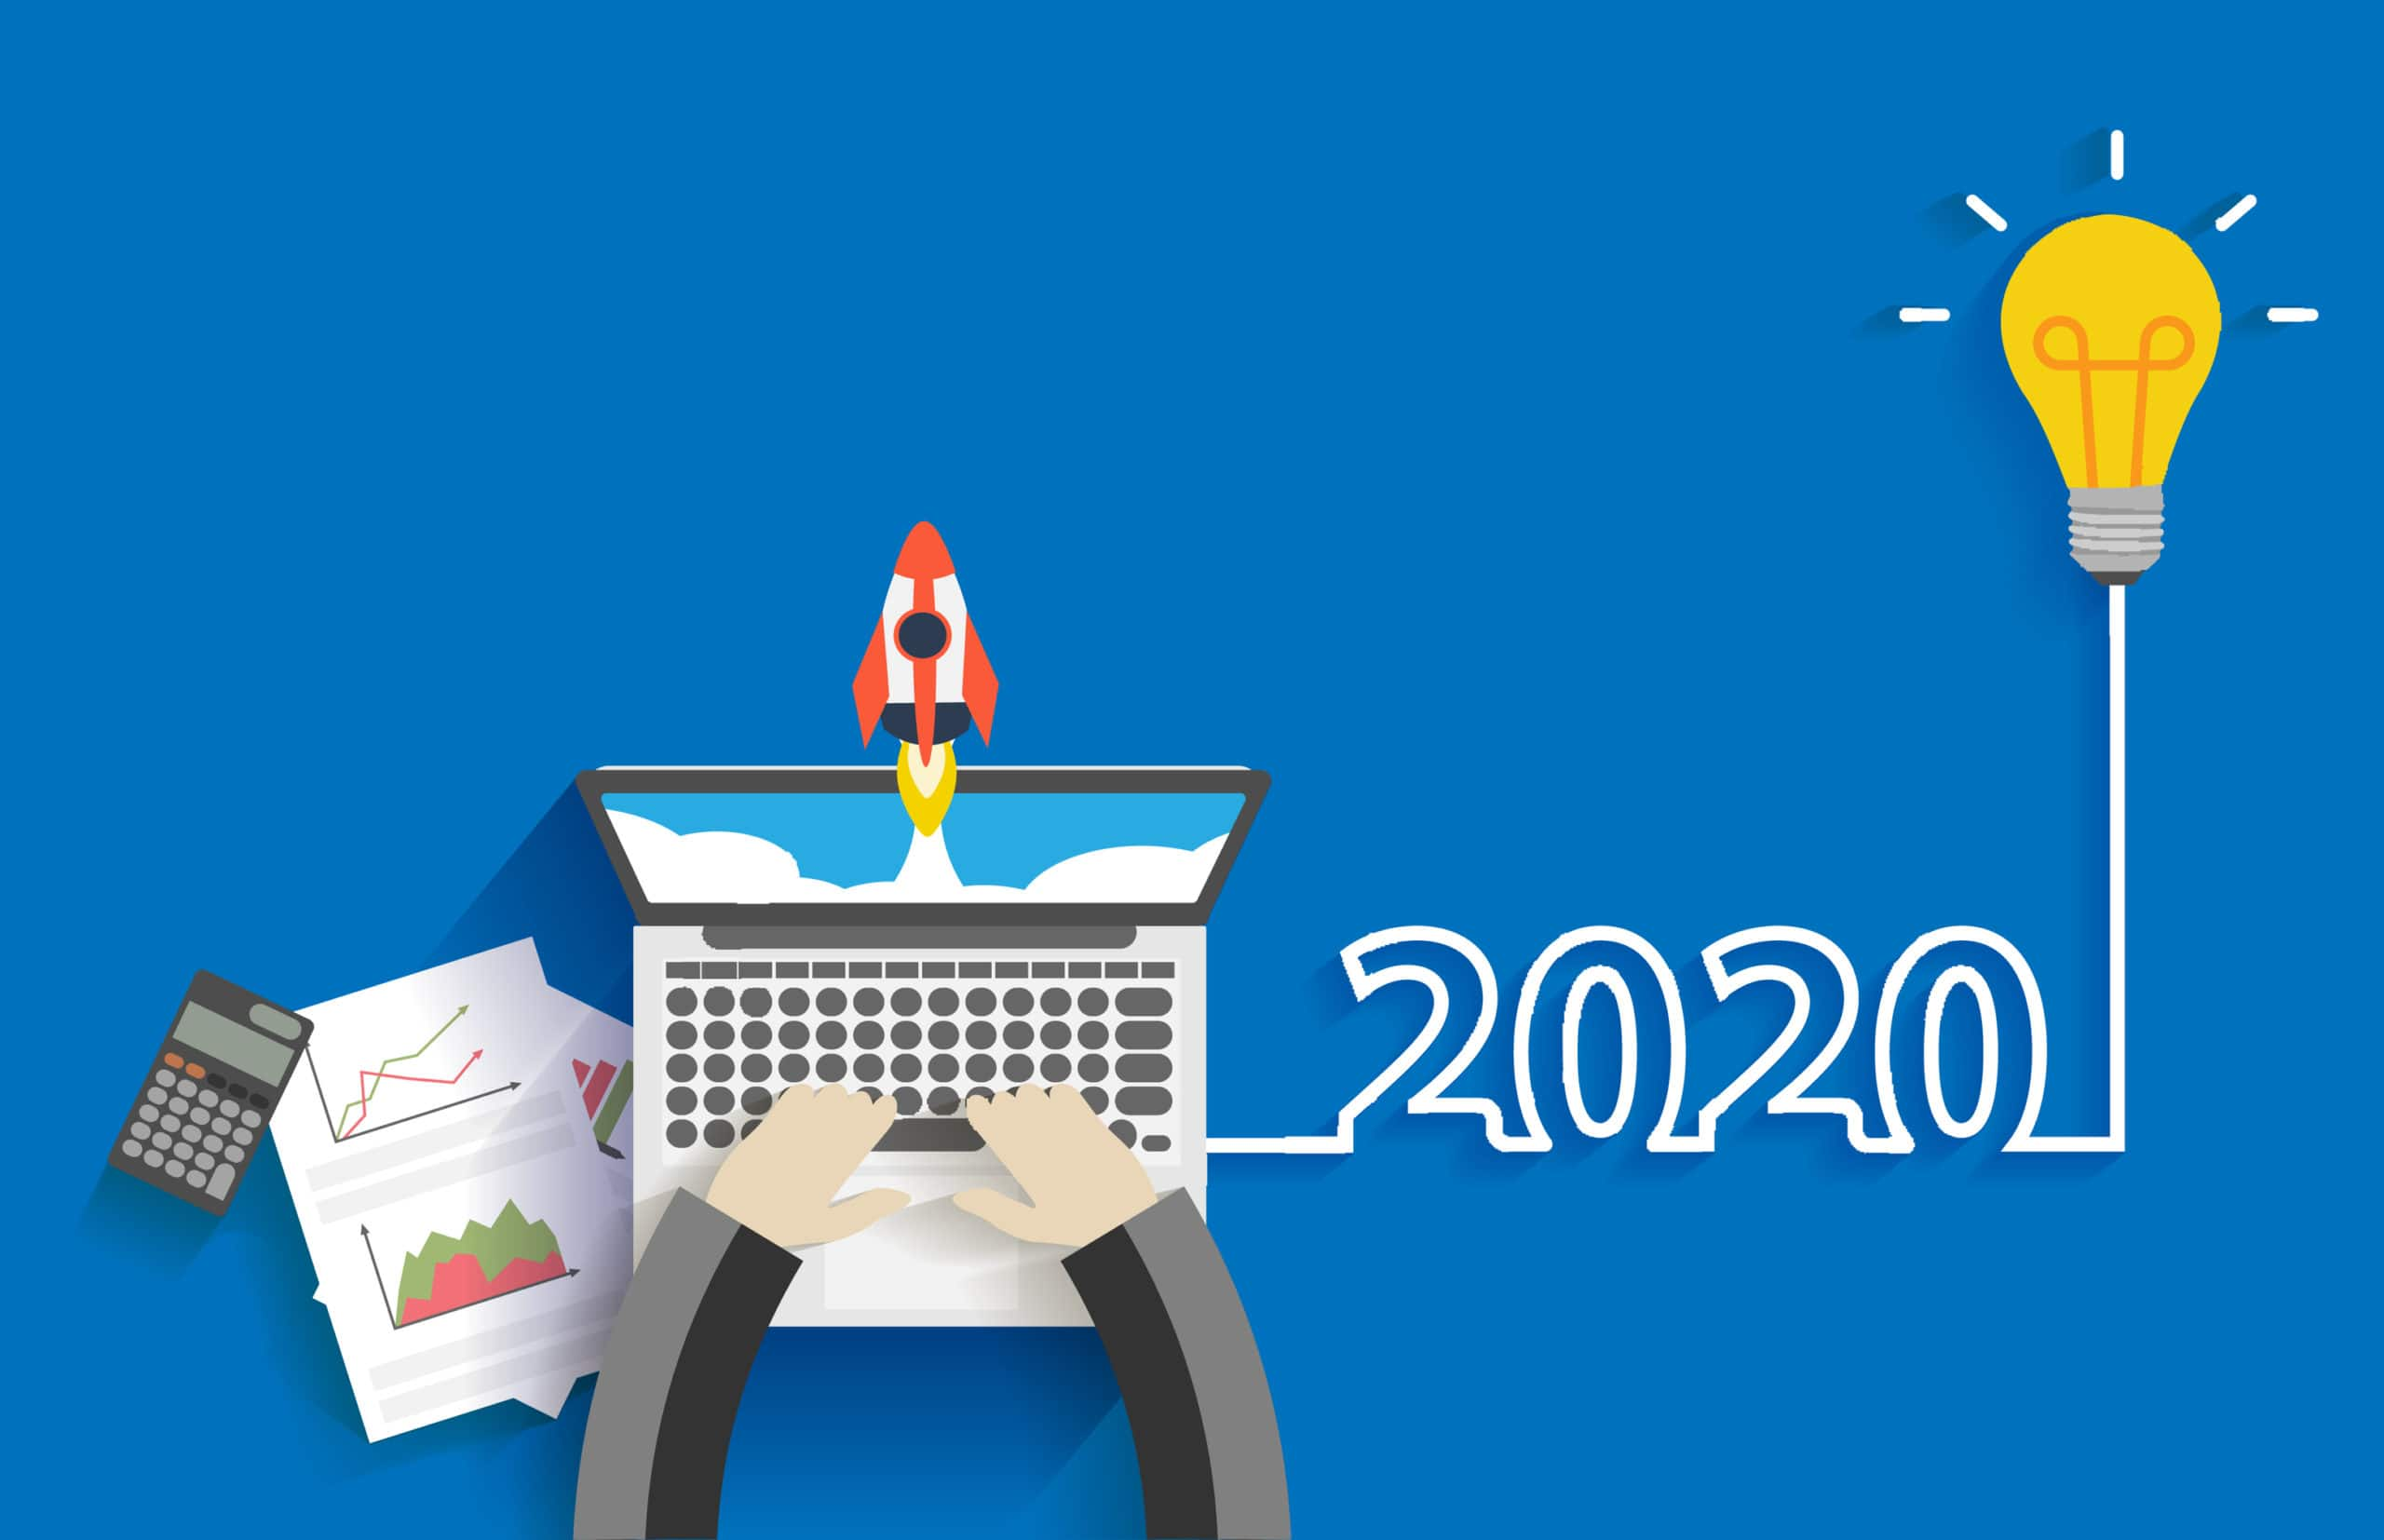 principales tendencias de marketing digital 2020